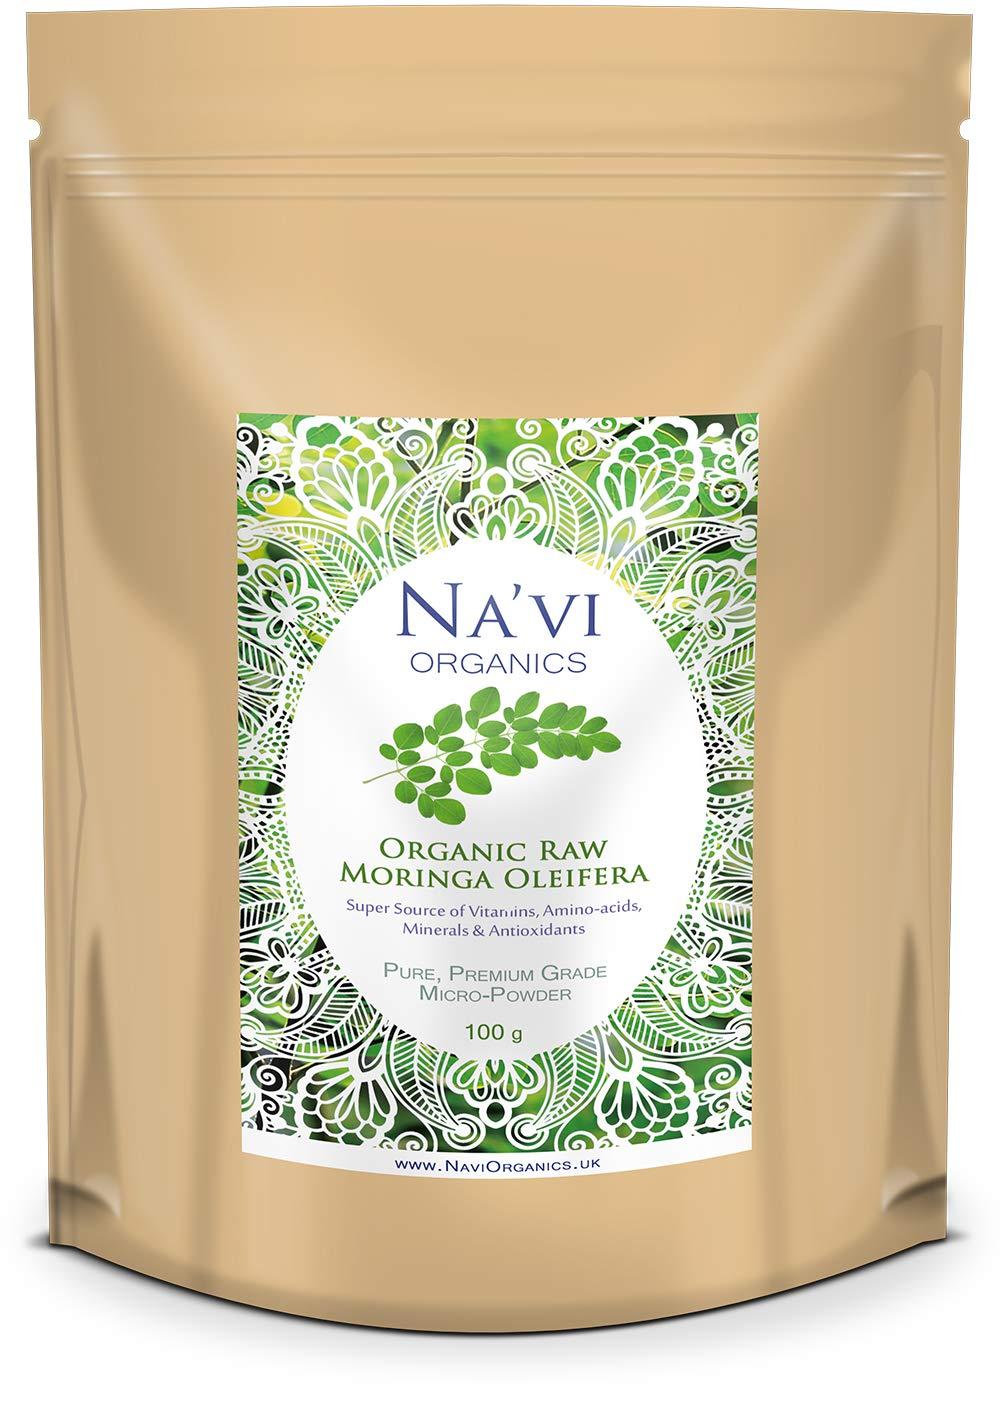 Polvo de hoja de moringa oleifera orgánica, calidad superior: Amazon.es: Salud y cuidado personal